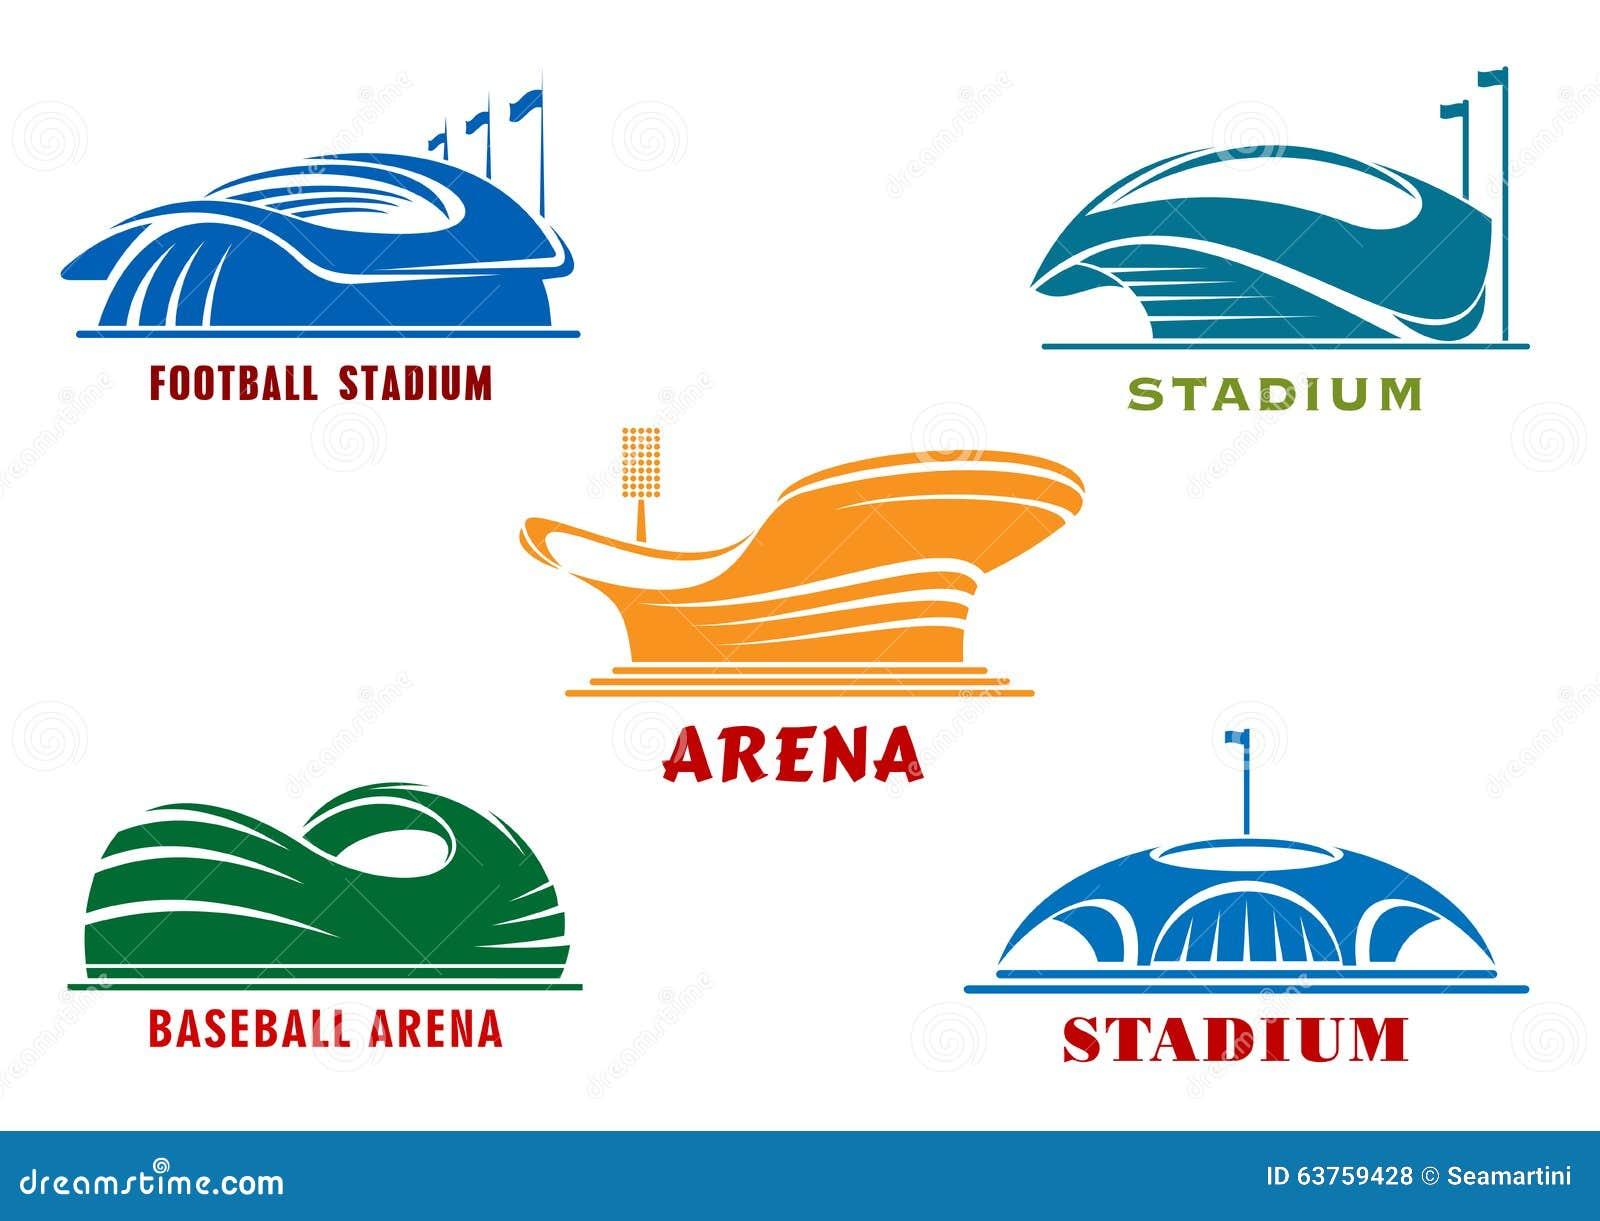 Ikonen Von Modernen Sportstadien Und -arenas Vektor Abbildung ...